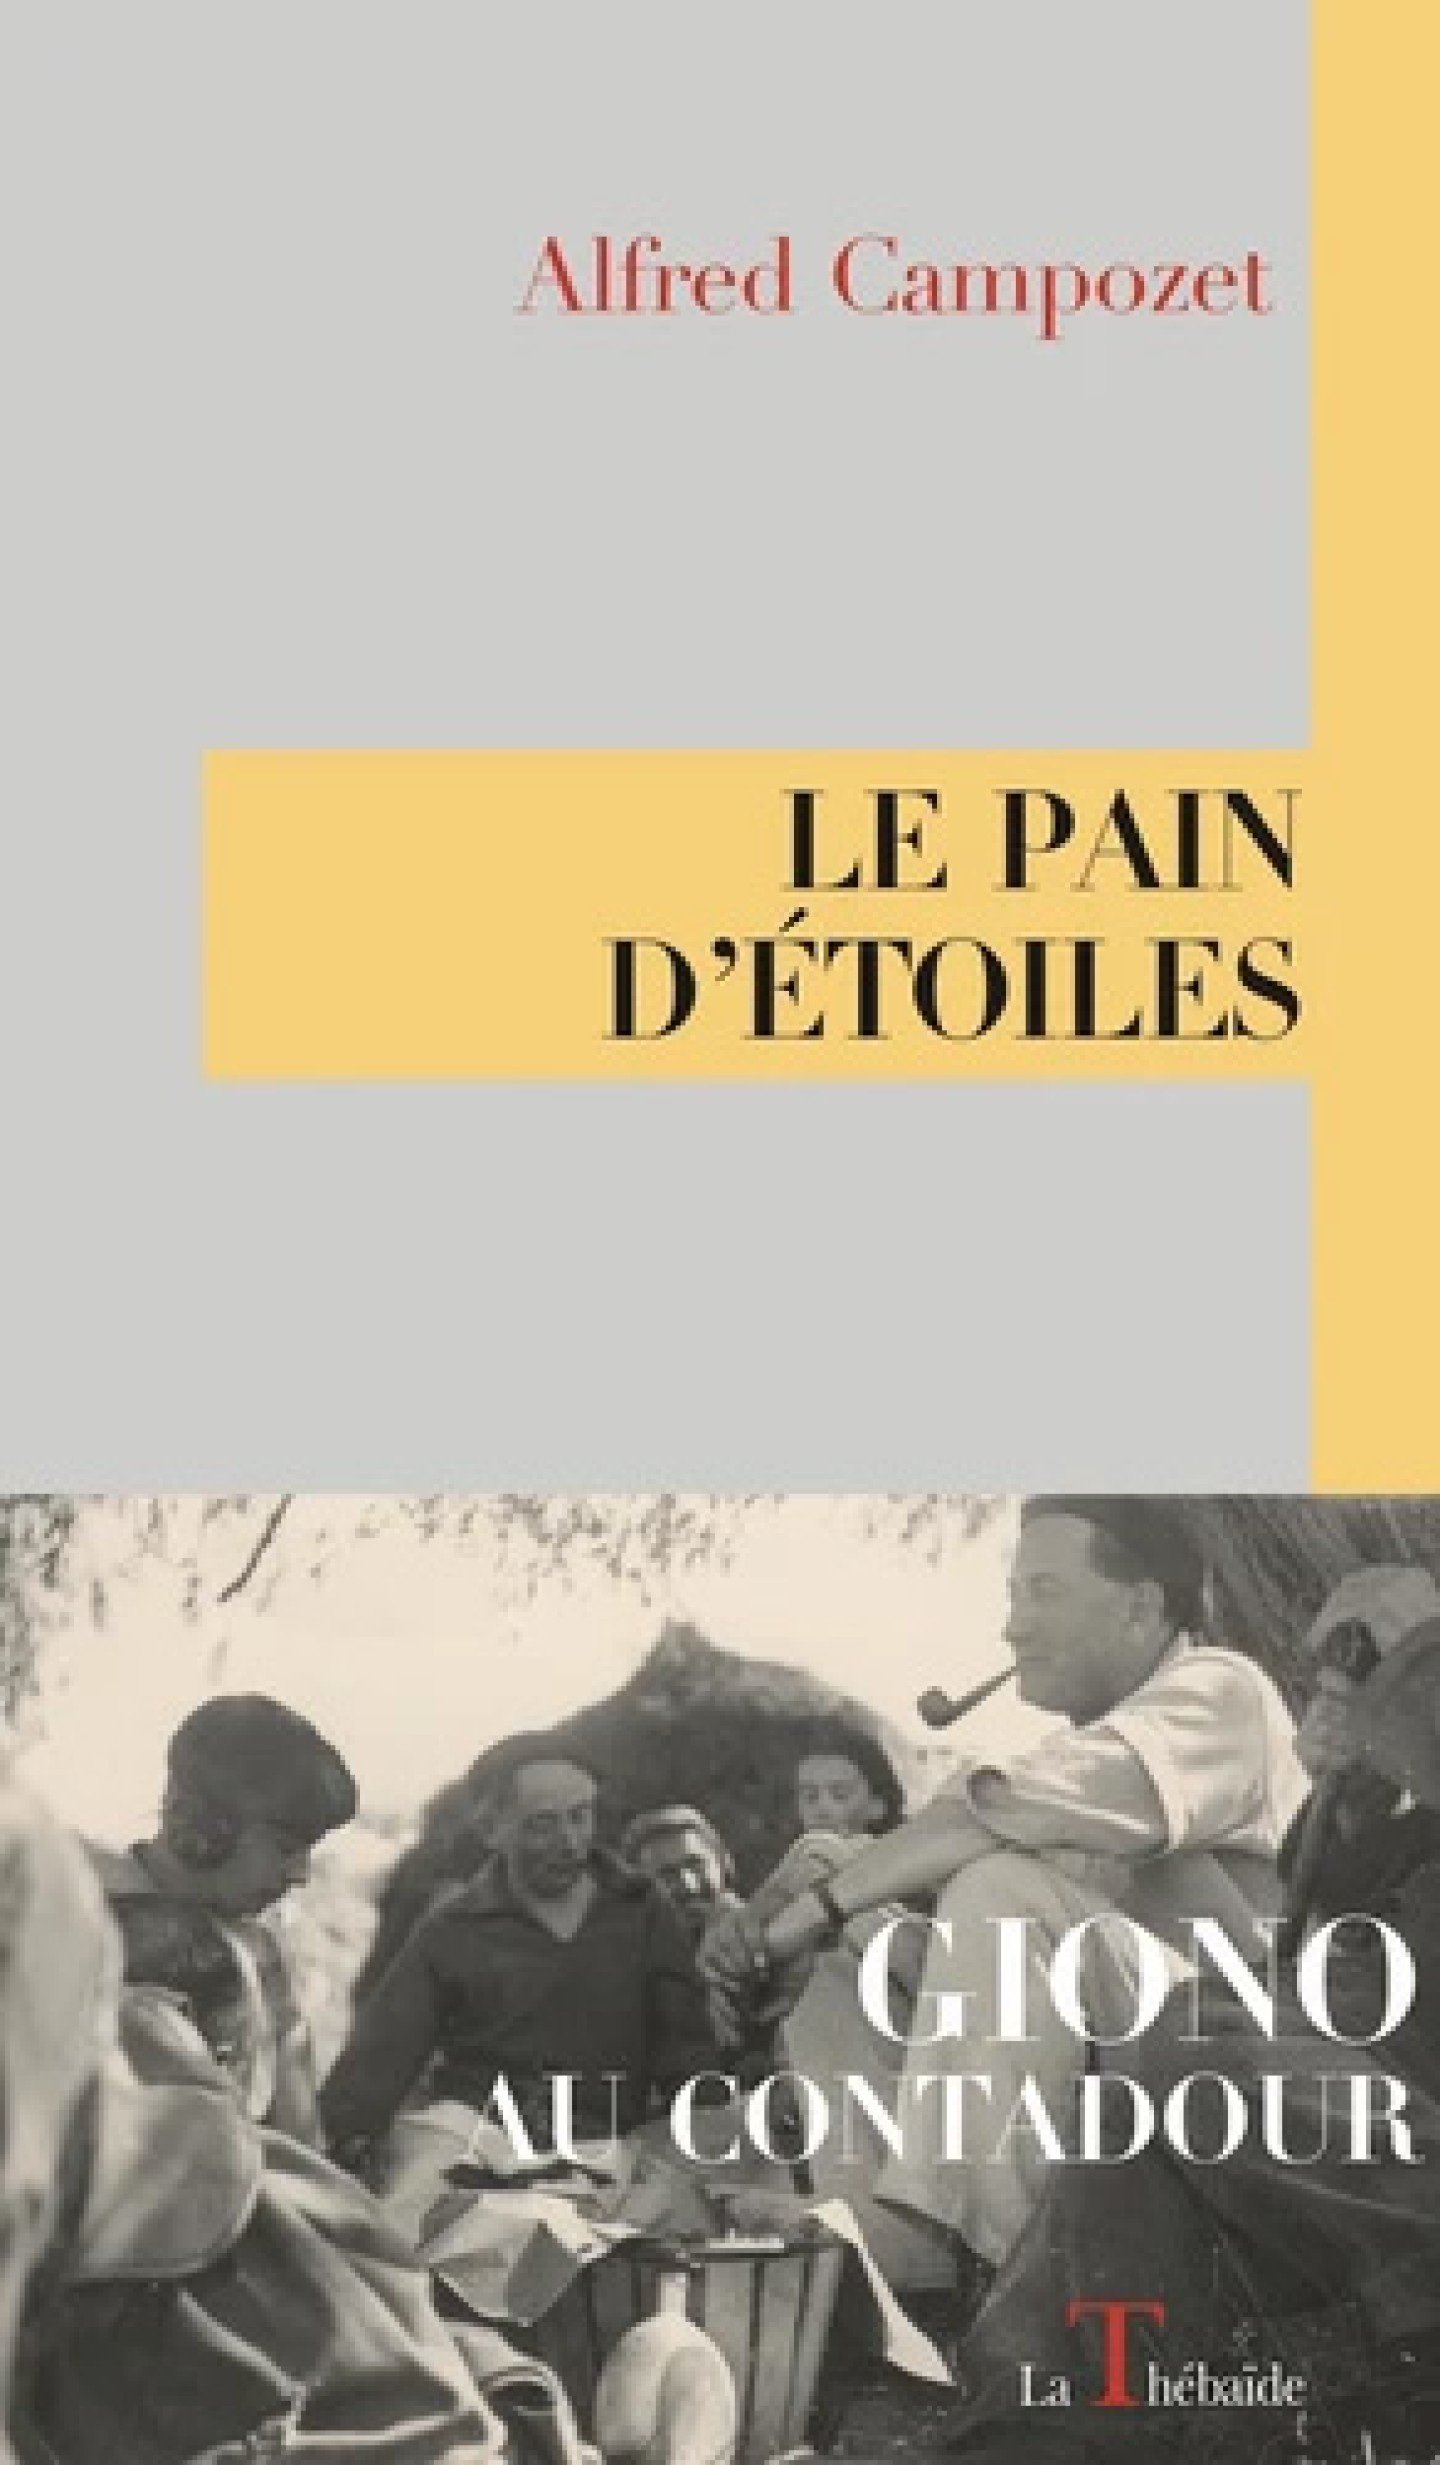 Le Pain d'étoiles, Giono au Contadour par Alfred Campozet